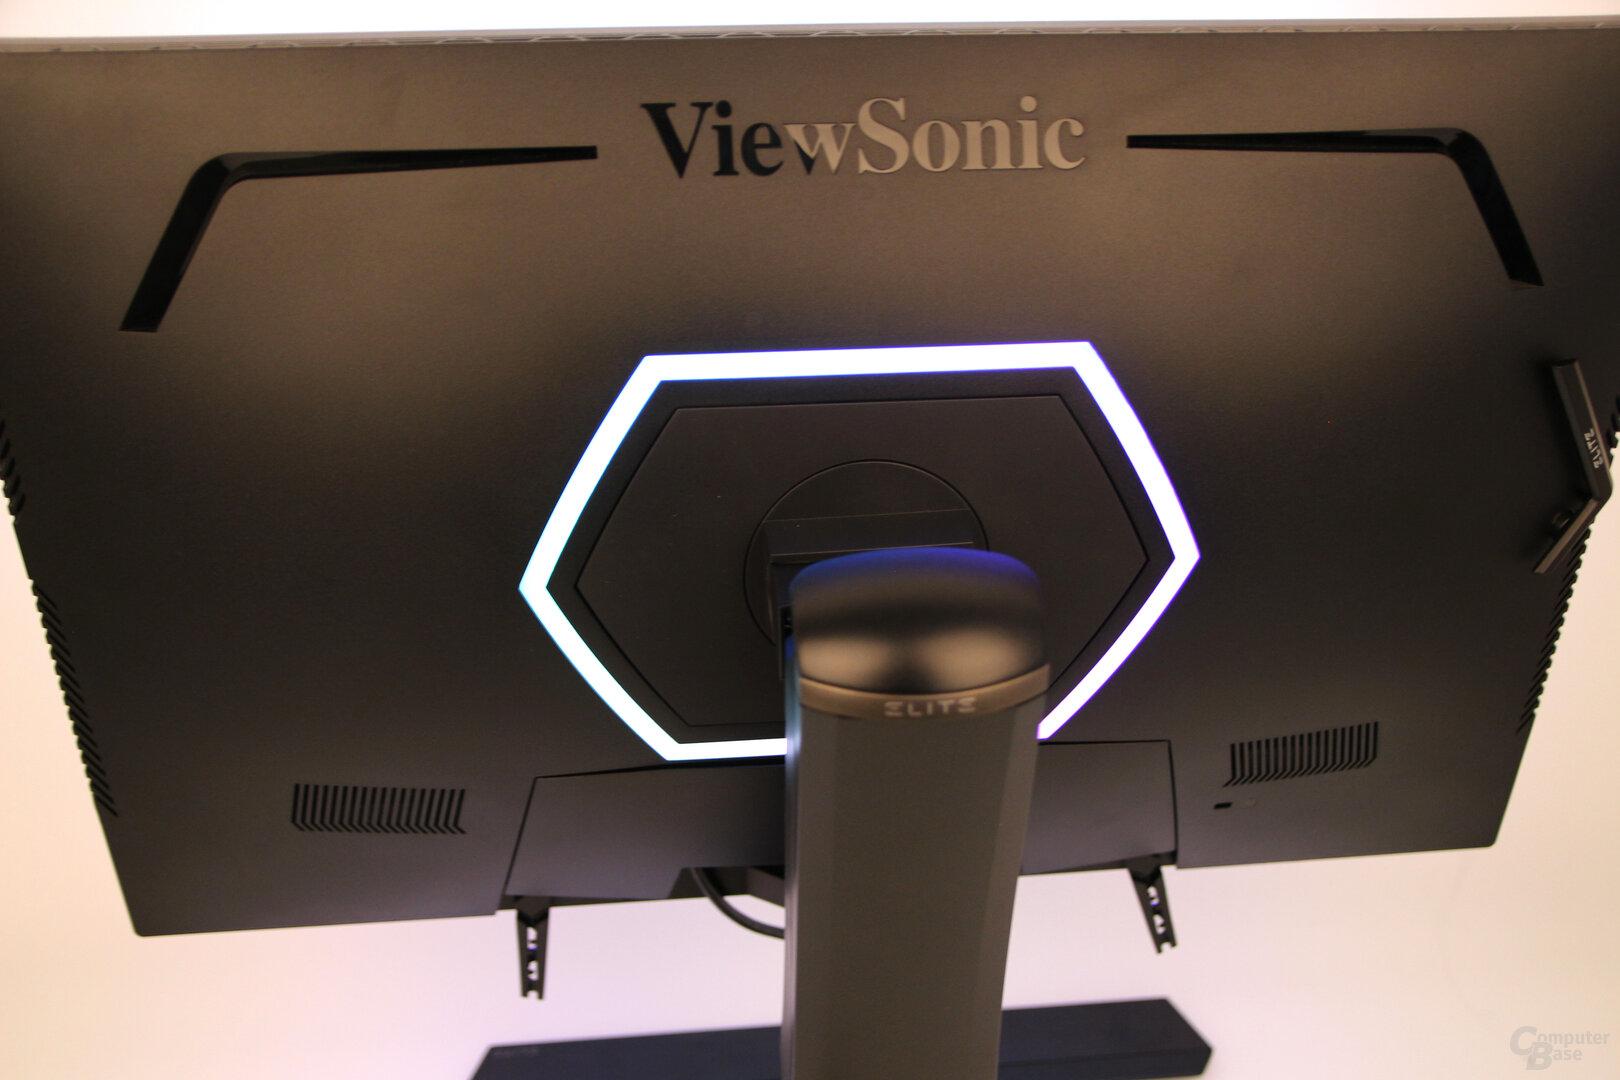 ViewSonic XG270